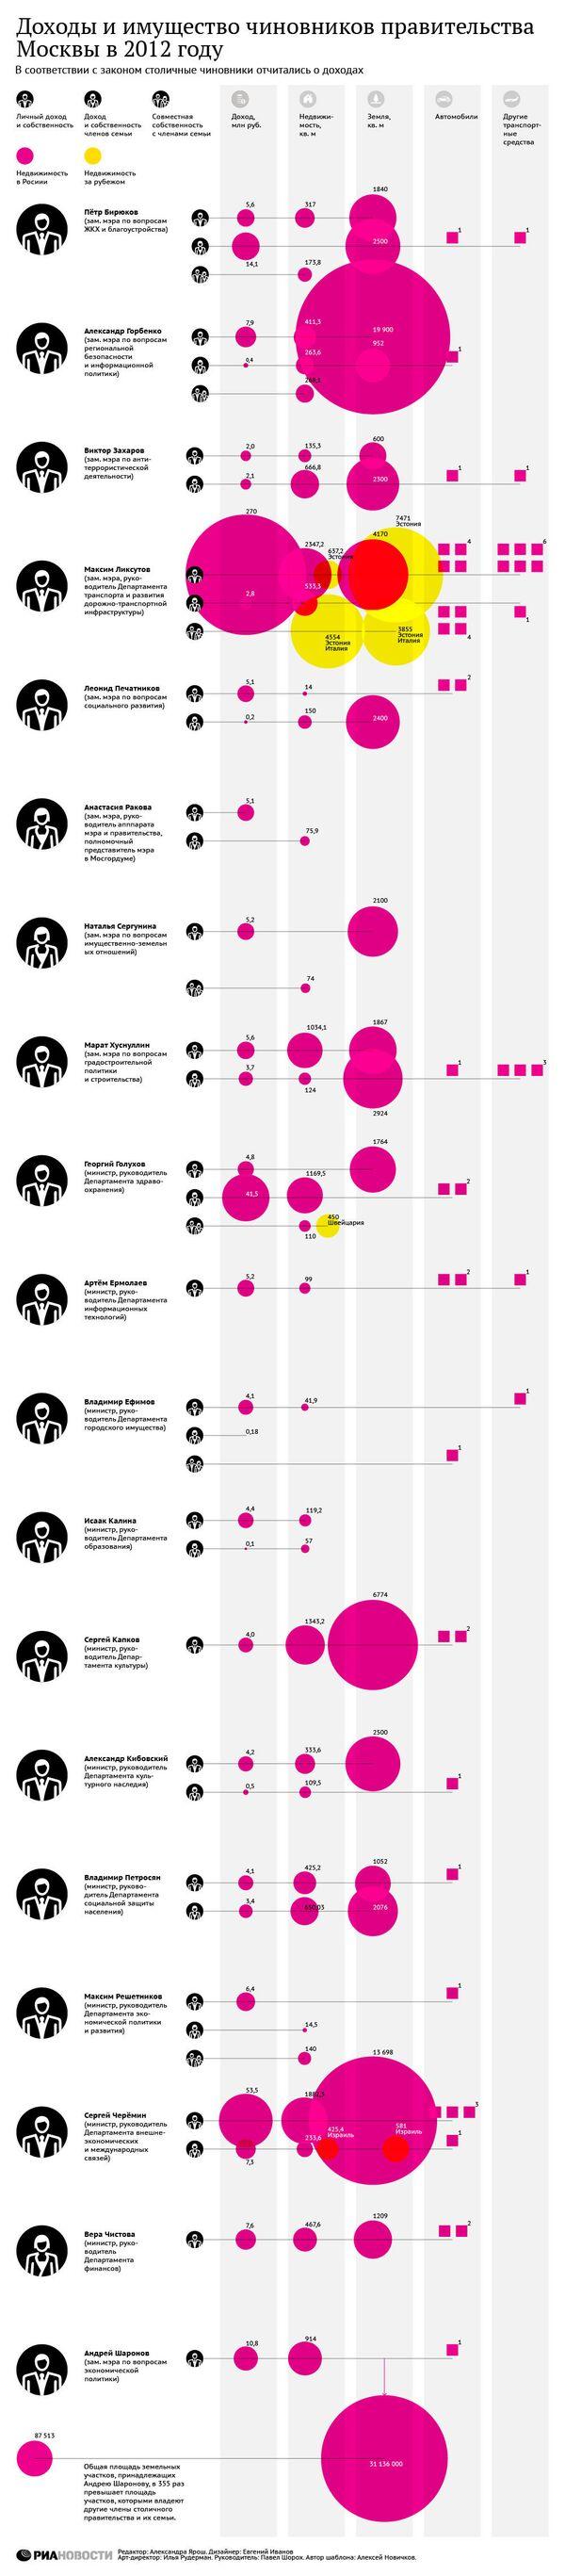 Доходы и имущество чиновников правительства Москвы в 2012 году